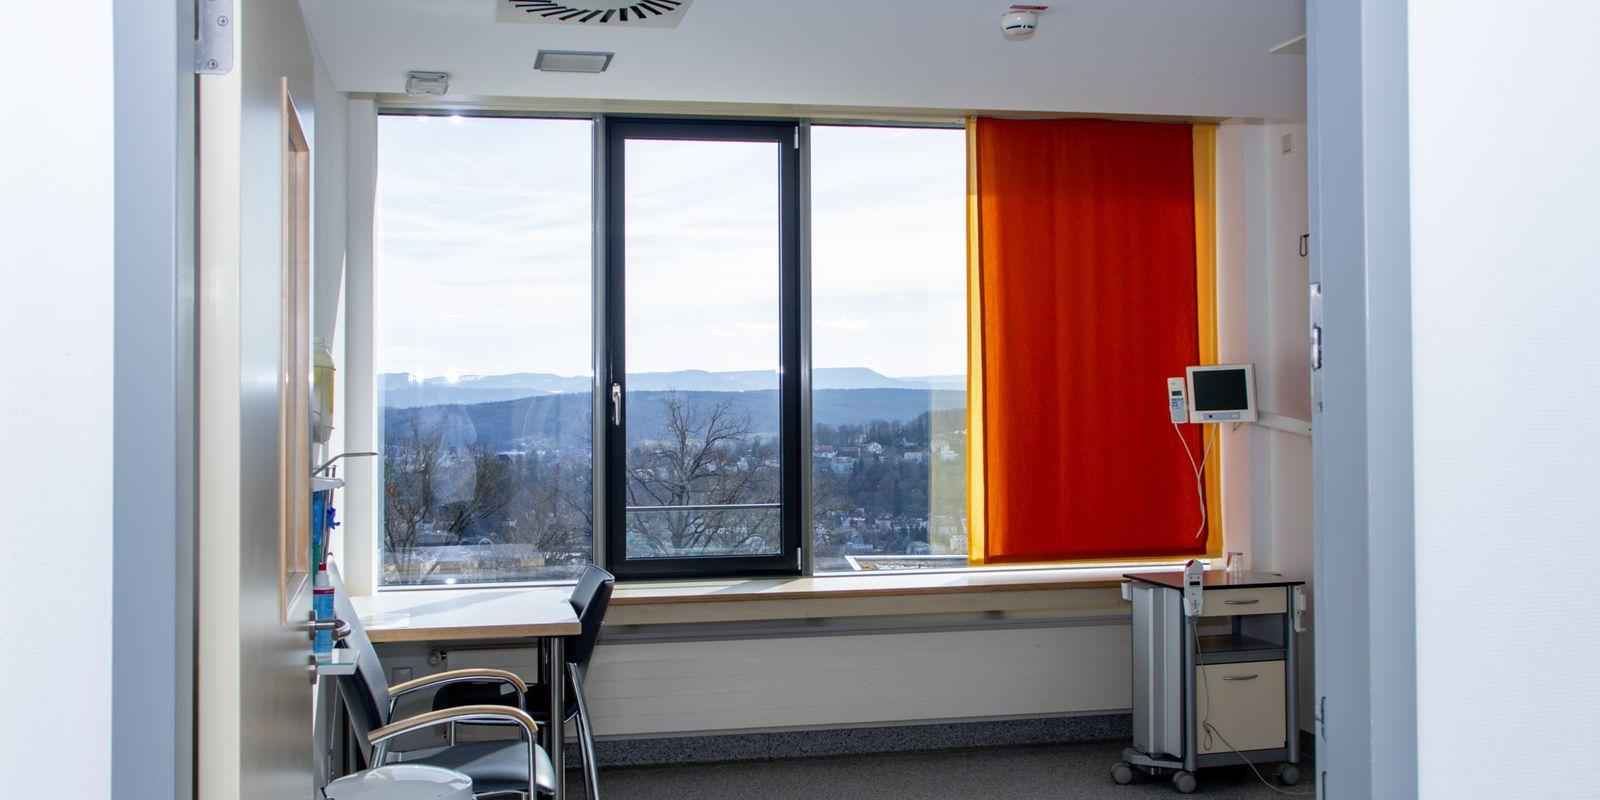 Patientenzimmer mit Aussicht auf die schwäbische Alb